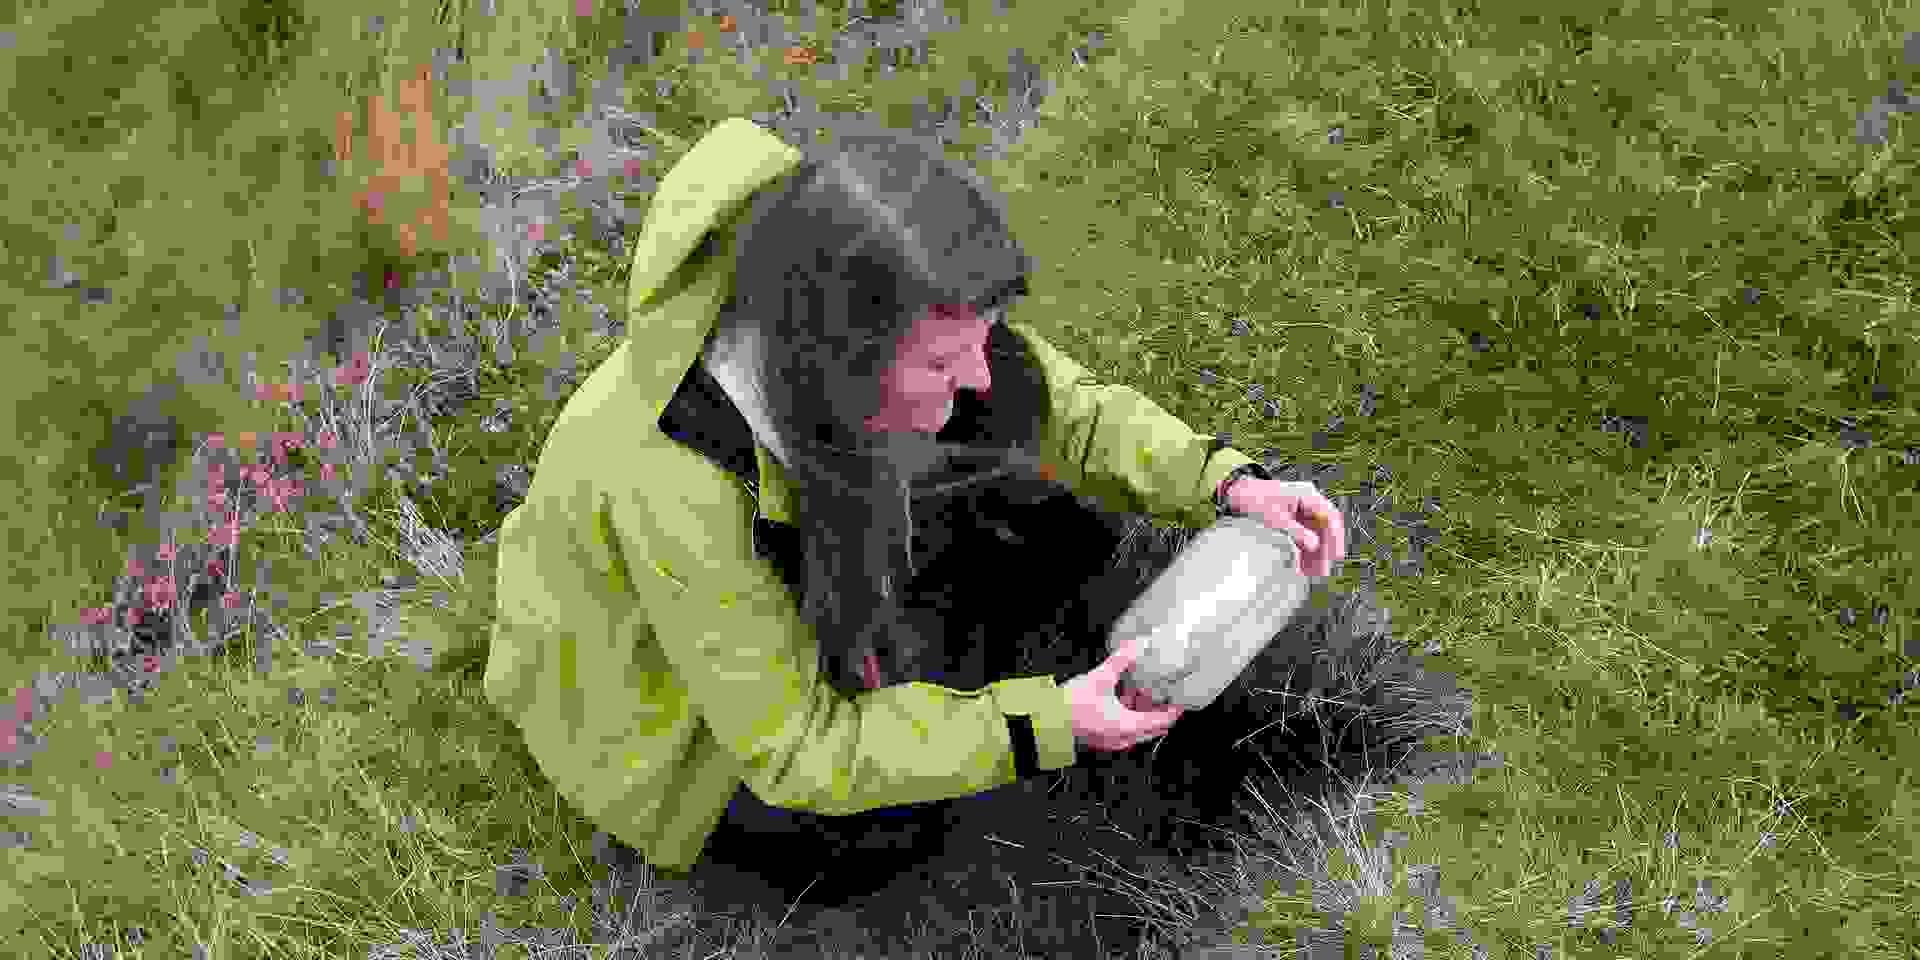 Eine junge Frau verbuddelt beim Geocaching einen Cache.